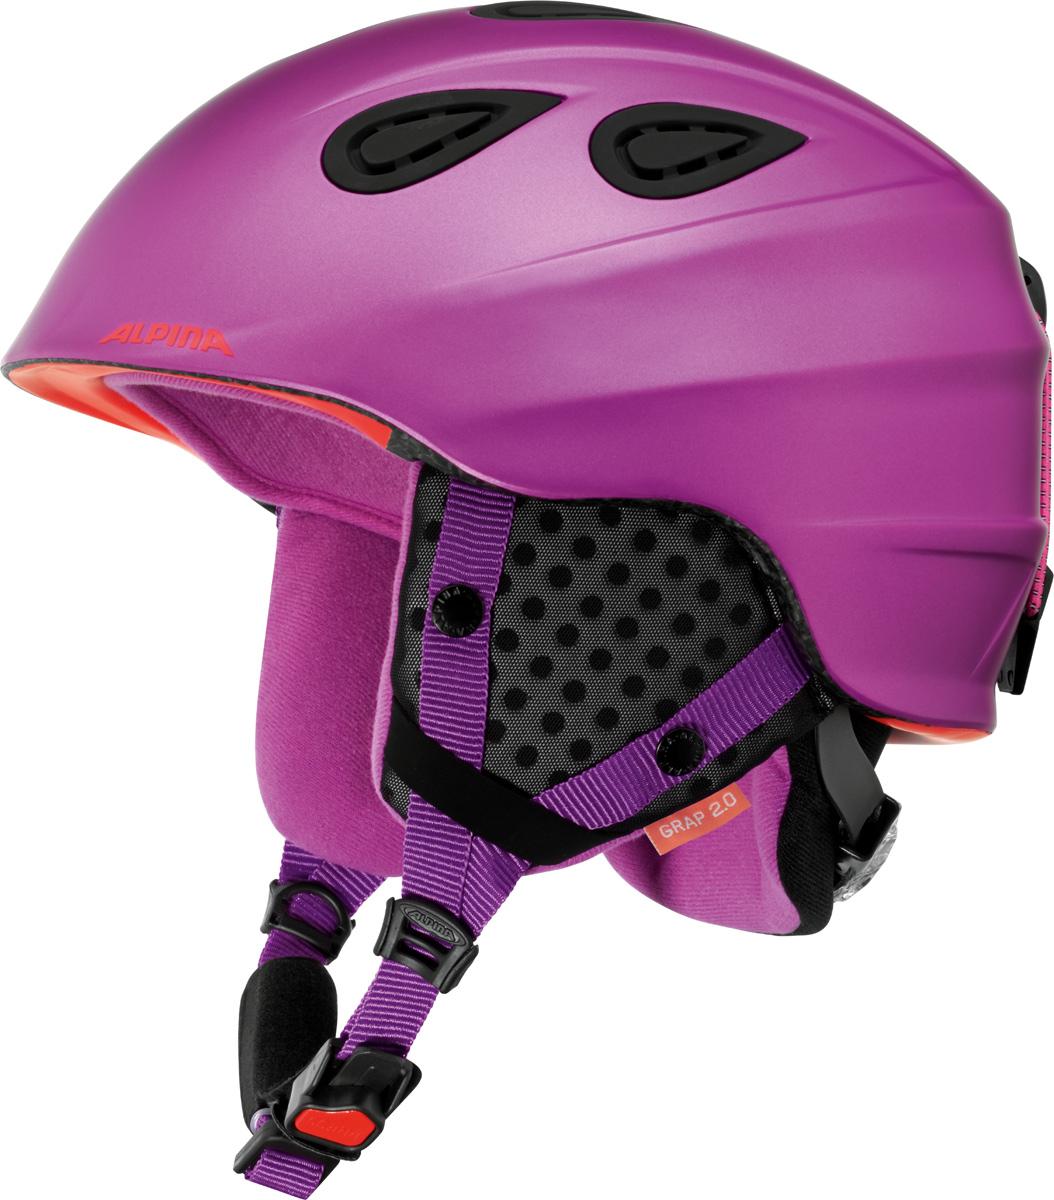 Шлем горнолыжный Alpina GRAP 2.0 periwinkle matt. Размер 54-57A9085_52Во всем мире популярность горнолыжного шлема Grap лишь набирает обороты. Alpina представляет обновленную версию самой продаваемой модели. Шлем Grap 2.0 сохранил отличительные особенности предыдущей модели и приобрел новые, за которые его выбирают райдеры по всему миру. Универсальность, легкость и прочность сделали его обязательным элементом экипировки любителей горнолыжного спорта. Модель также представлена в детской линейке шлемов.Технологии:• Конструкция In-Mold - соединение внутреннего слоя из EPS (вспененного полистирола) с внешним покрытием под большим давлением в условиях высокой температуры. В результате внешняя поликарбонатная оболочка сохраняет форму конструкции, предотвращая поломку и попадание осколков внутрь шлема, а внутренний слой Hi-EPS, состоящий из множества наполненных воздухом гранул, амортизирует ударную волну, защищая голову райдера от повреждений.• Внешнее покрытие Ceramic Shell обеспечивает повышенную ударопрочность и износостойкость, а также обладает защитой от УФ-излучений, препятствующей выгоранию на солнце, и антистатичными свойствами.• Съемный внутренний тканевый слой. Подкладку можно постирать и легко вставить обратно. Своевременный уход за «внутренником» предотвращает появление неприятного запаха.• Вентиляционная система с раздвижным механизмом с возможностью регулировки интенсивности потока воздуха.• Классическая система регулировки в шлемах Alpina Run System с регулировочным кольцом на затылке позволяет быстро и легко подобрать оптимальную и комфортную плотность посадки на голове.• Съемные ушки согревают в холодную погоду, а в теплую компактно хранятся в кармане куртки.• Шейный воротник из микрофлиса в задней части шлема быстро согревает и не давит на шею.• Ремешок фиксируется кнопкой с запирающим механизмом. Застежка максимально удобна для использования в перчатках.• Система Edge Protect в конструкции шлема защищает голову горнолыжника при боковом ударе.• Система Y